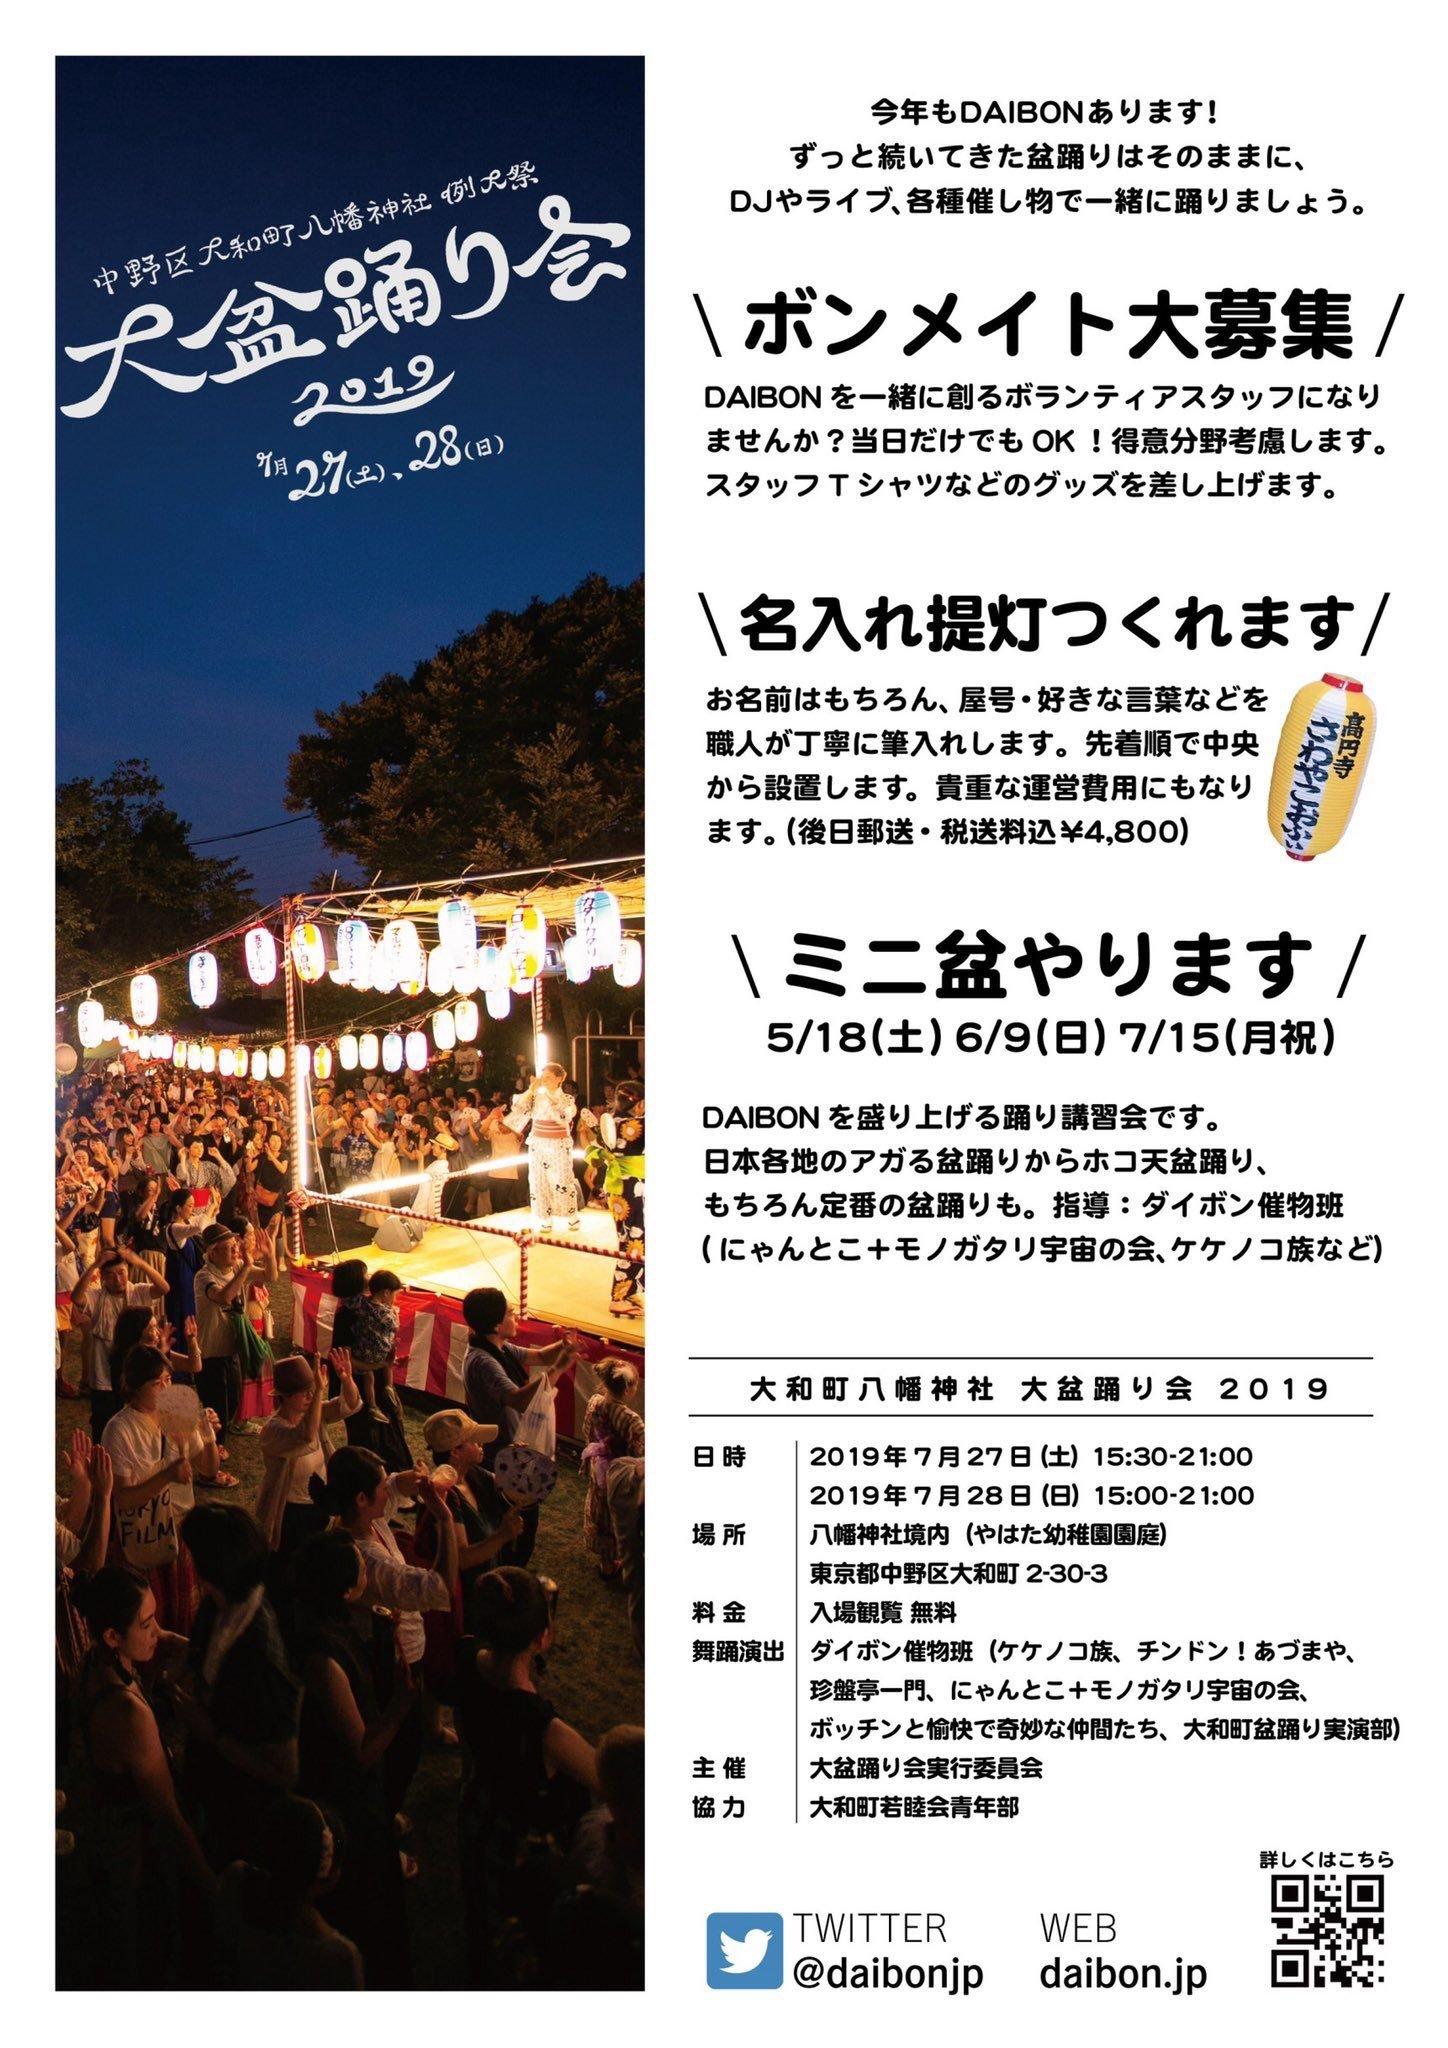 盆踊りのシーズンがやってくるヨ(あれこれ)_e0303005_04544292.jpg